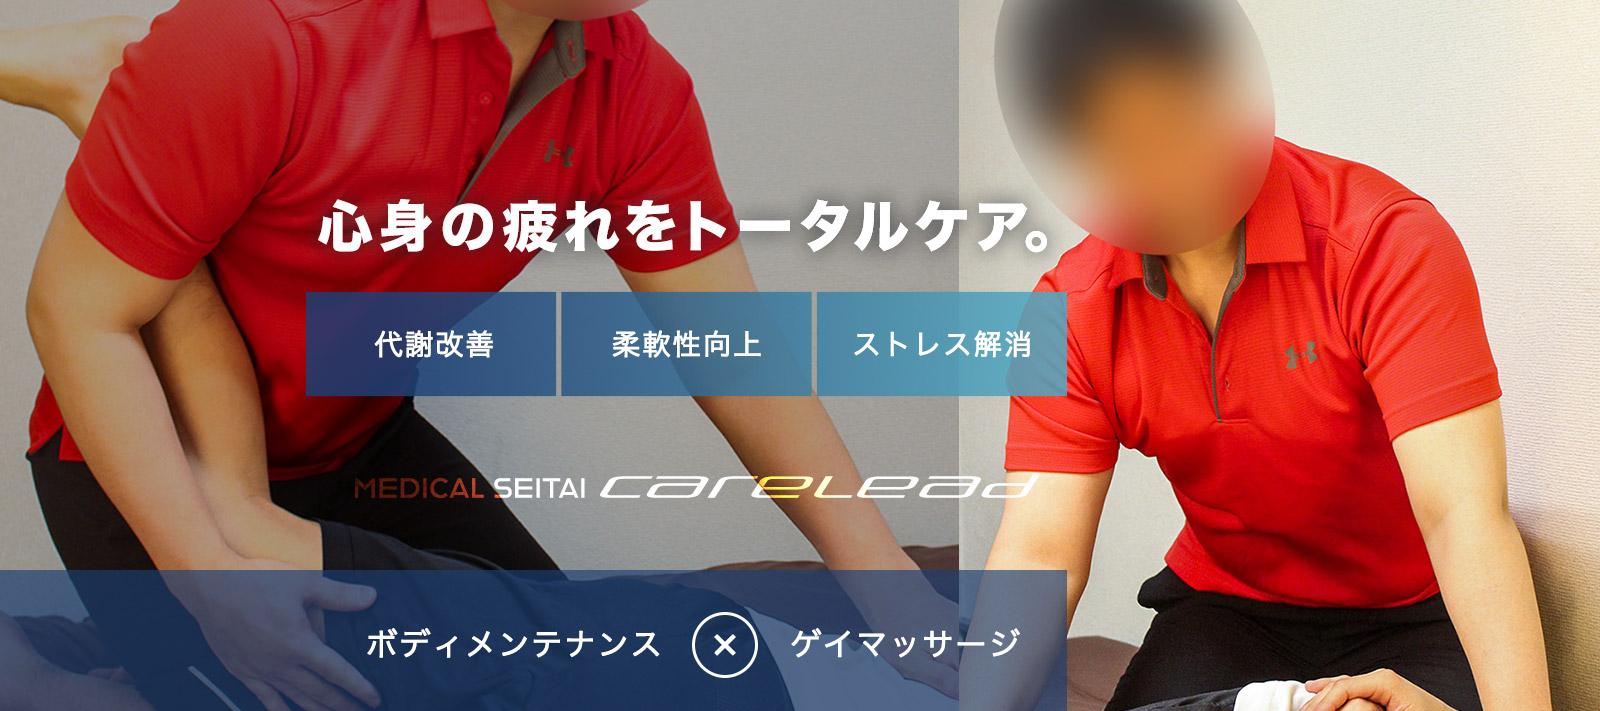 札幌ゲイマッサージCARELEADはこちら